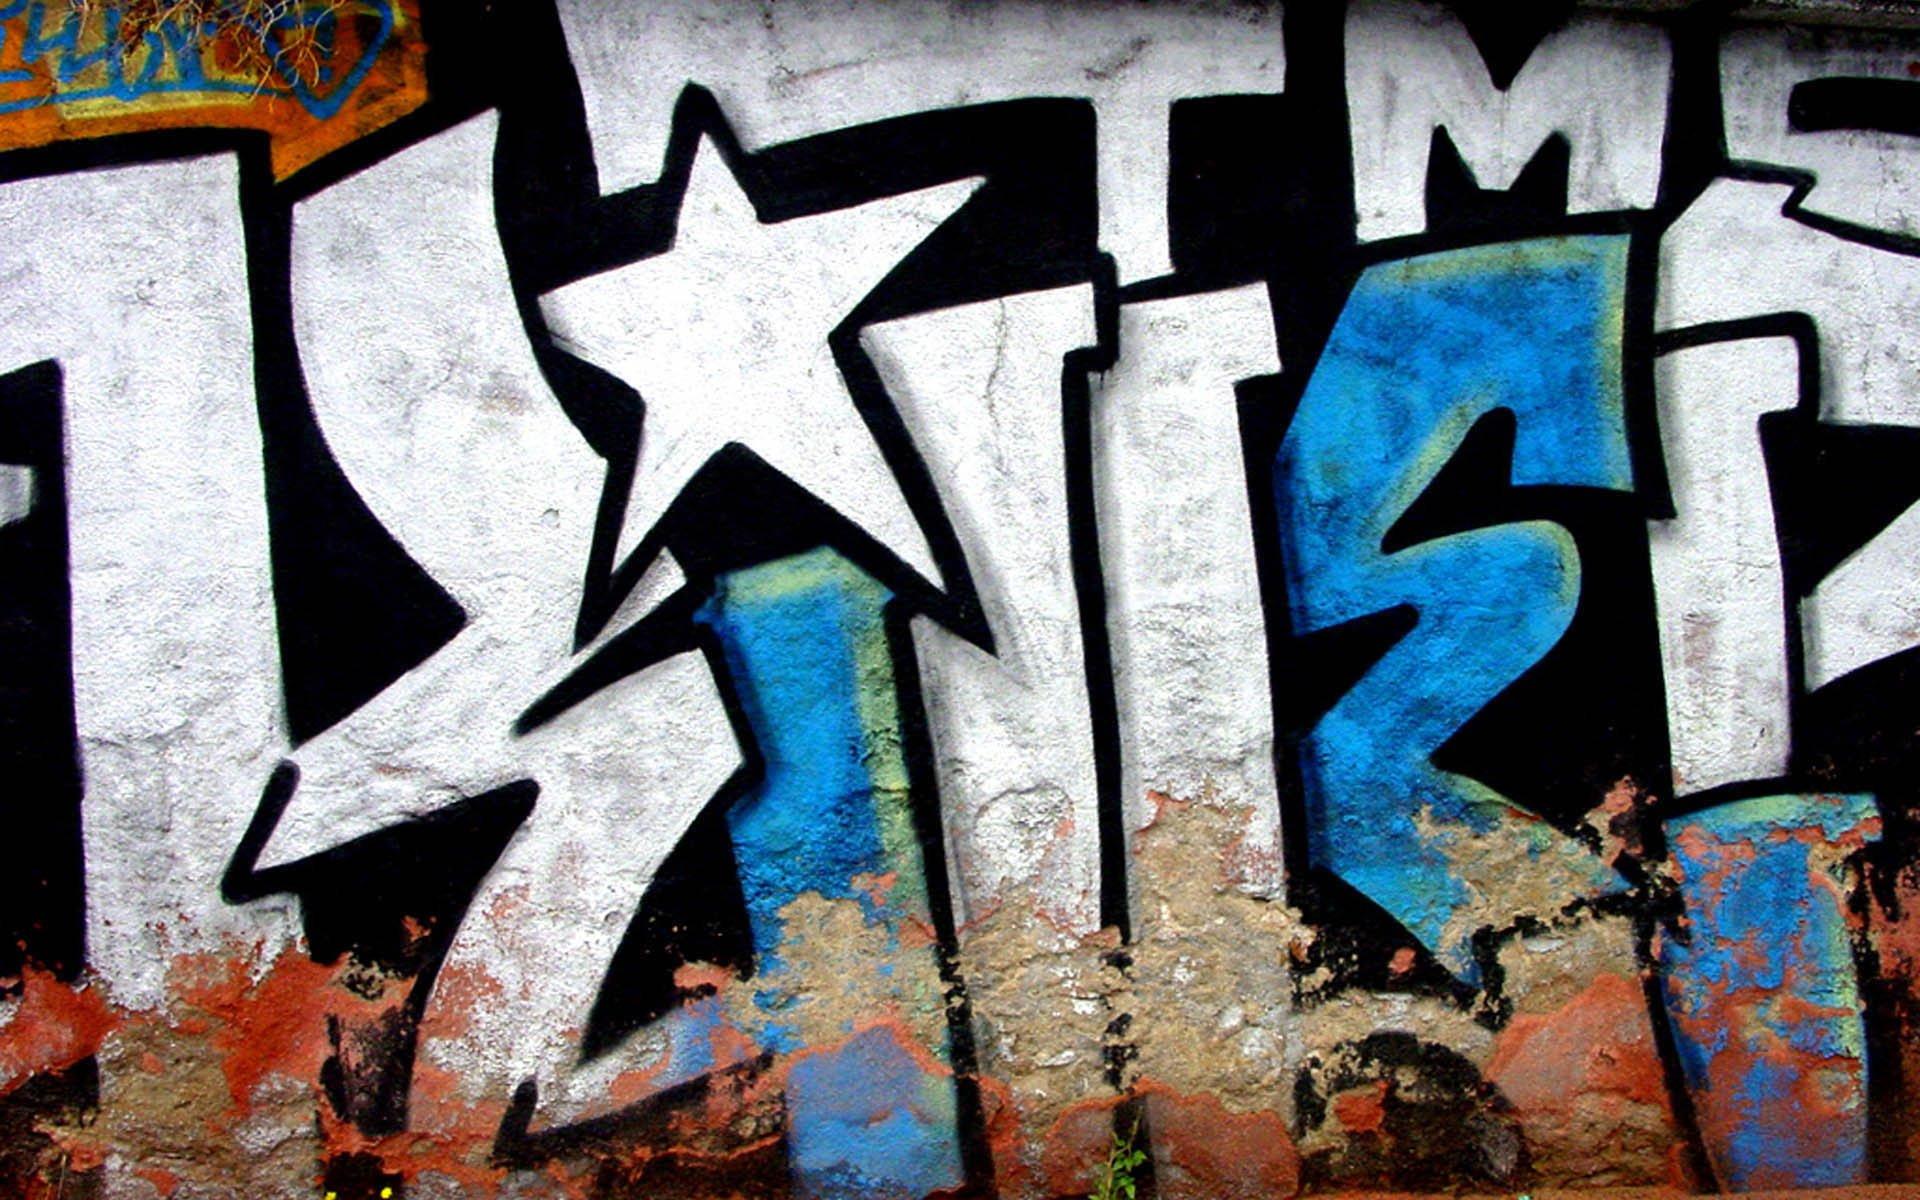 Hd wallpaper background id 36024 1920x1200 artistic graffiti